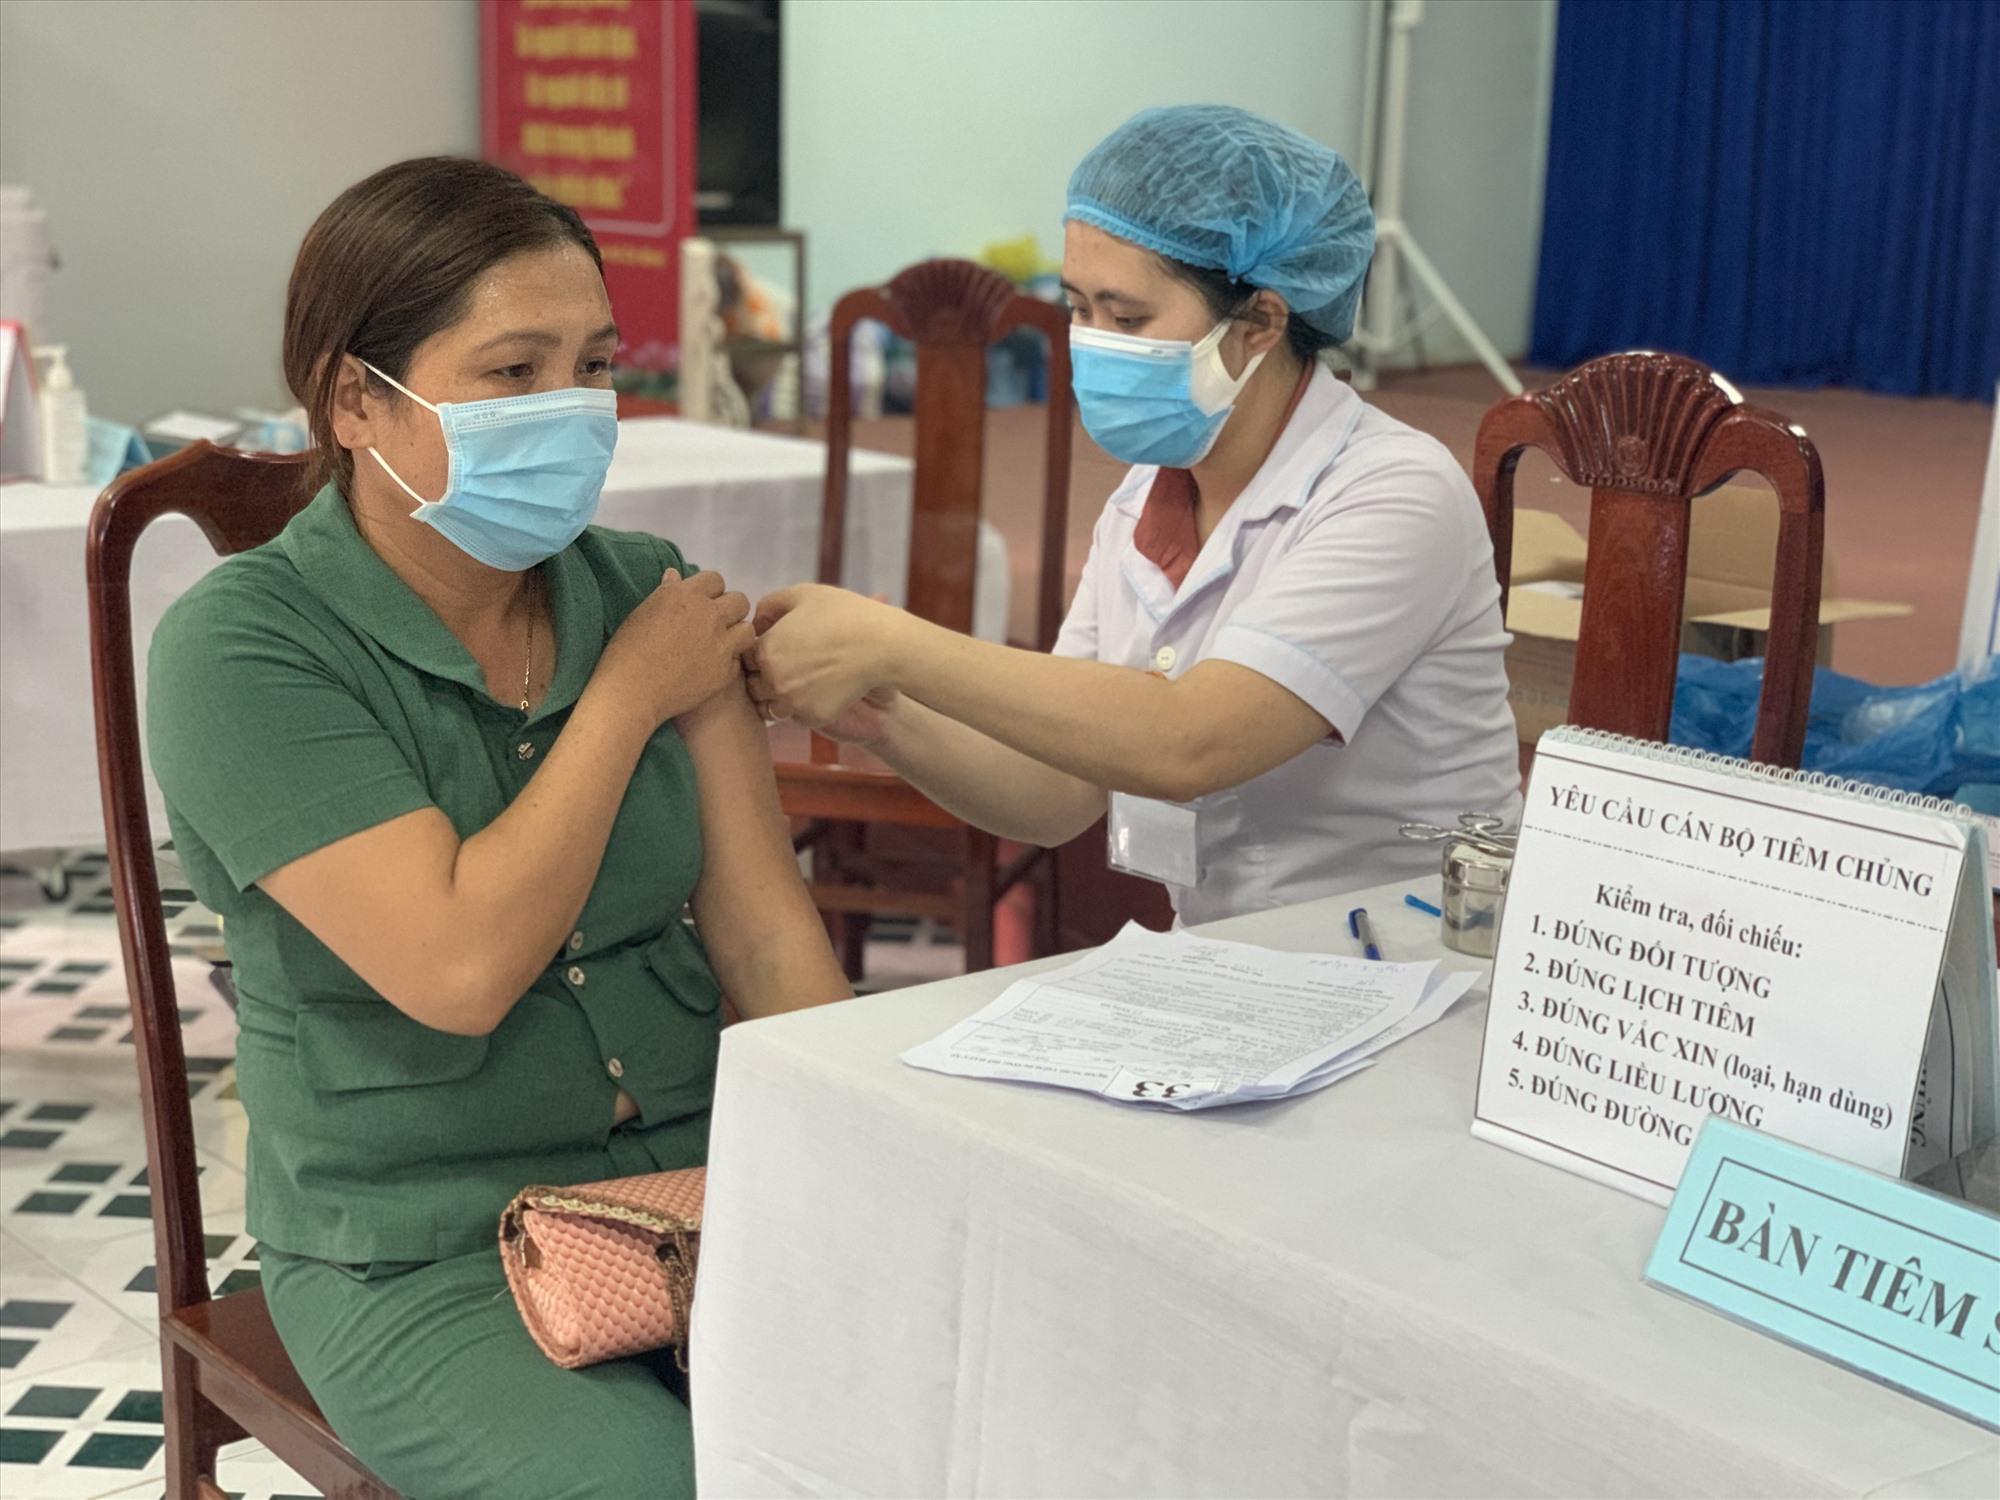 Thời gian gần đây, ngành y tế Duy Xuyên đẩy nhanh tiến độ tiêm vắc xin phòng ngừa Covid-19.   Ảnh: T.S